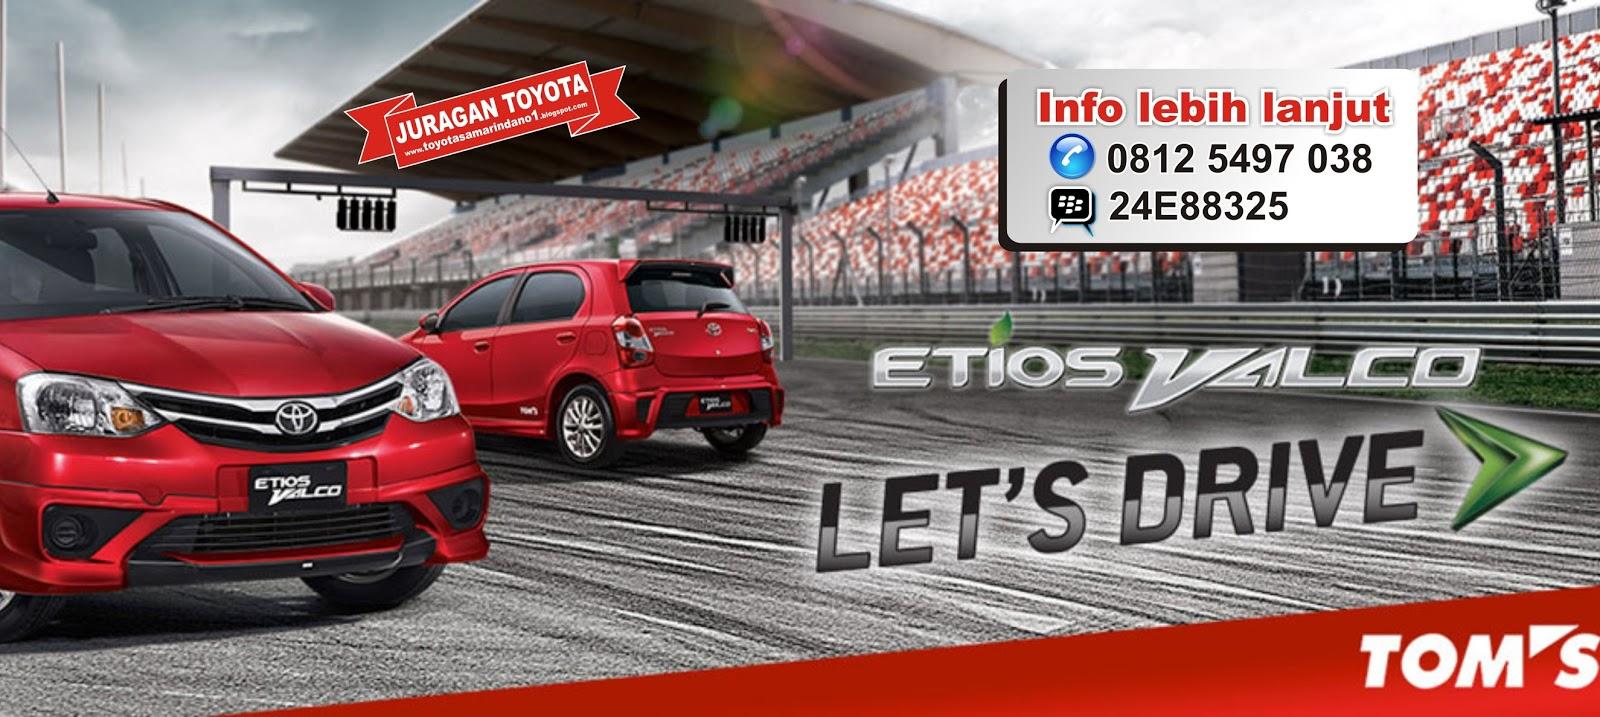 08125497038 Toyota Toyota Etios Valco Jual Mobil Etios Etios